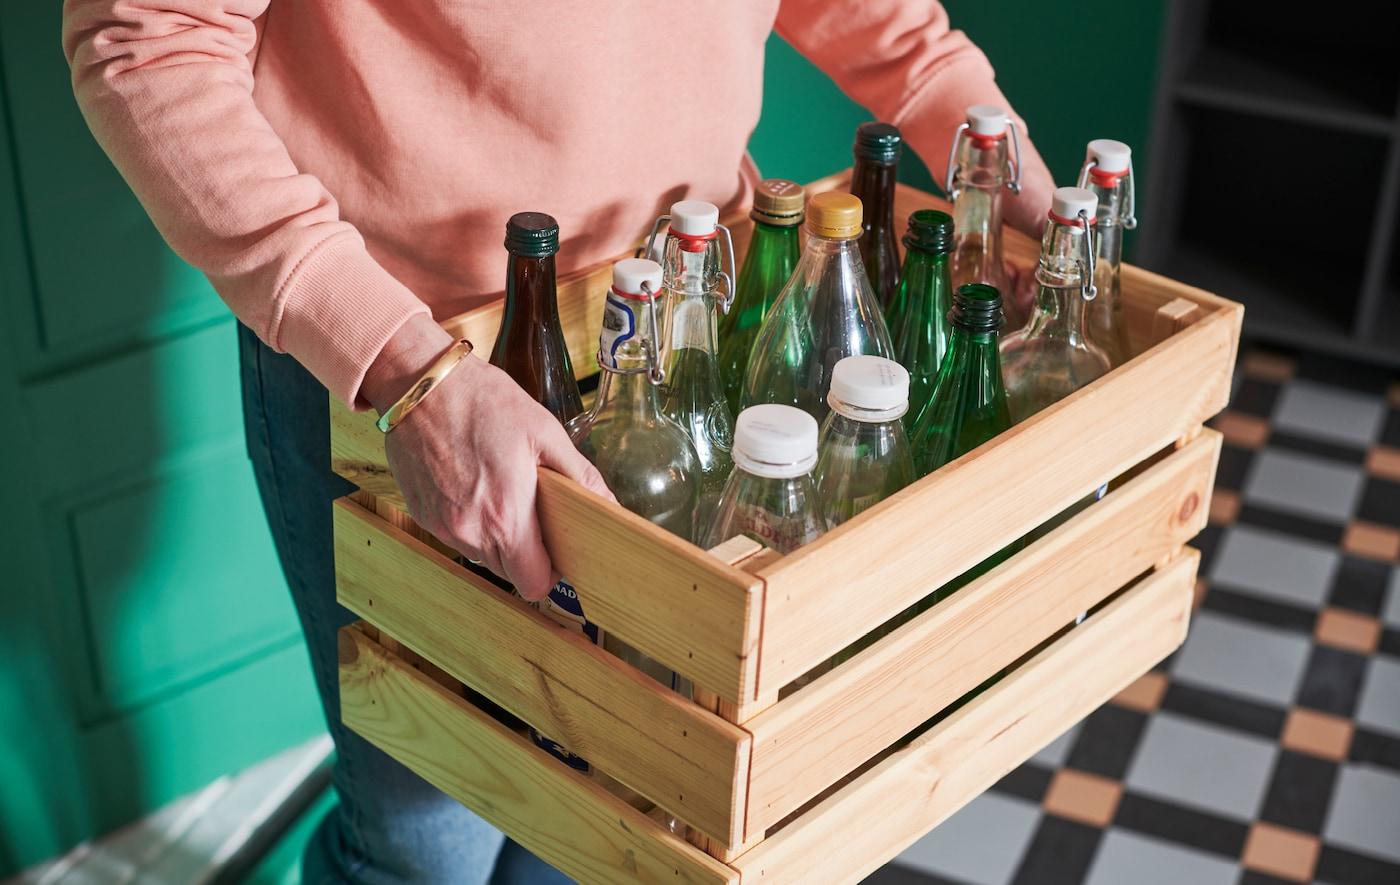 Une personne se déplaçant dans un hall en portant une caisse en bois KNAGGLIG pleine de bouteilles de verre et de plastique.